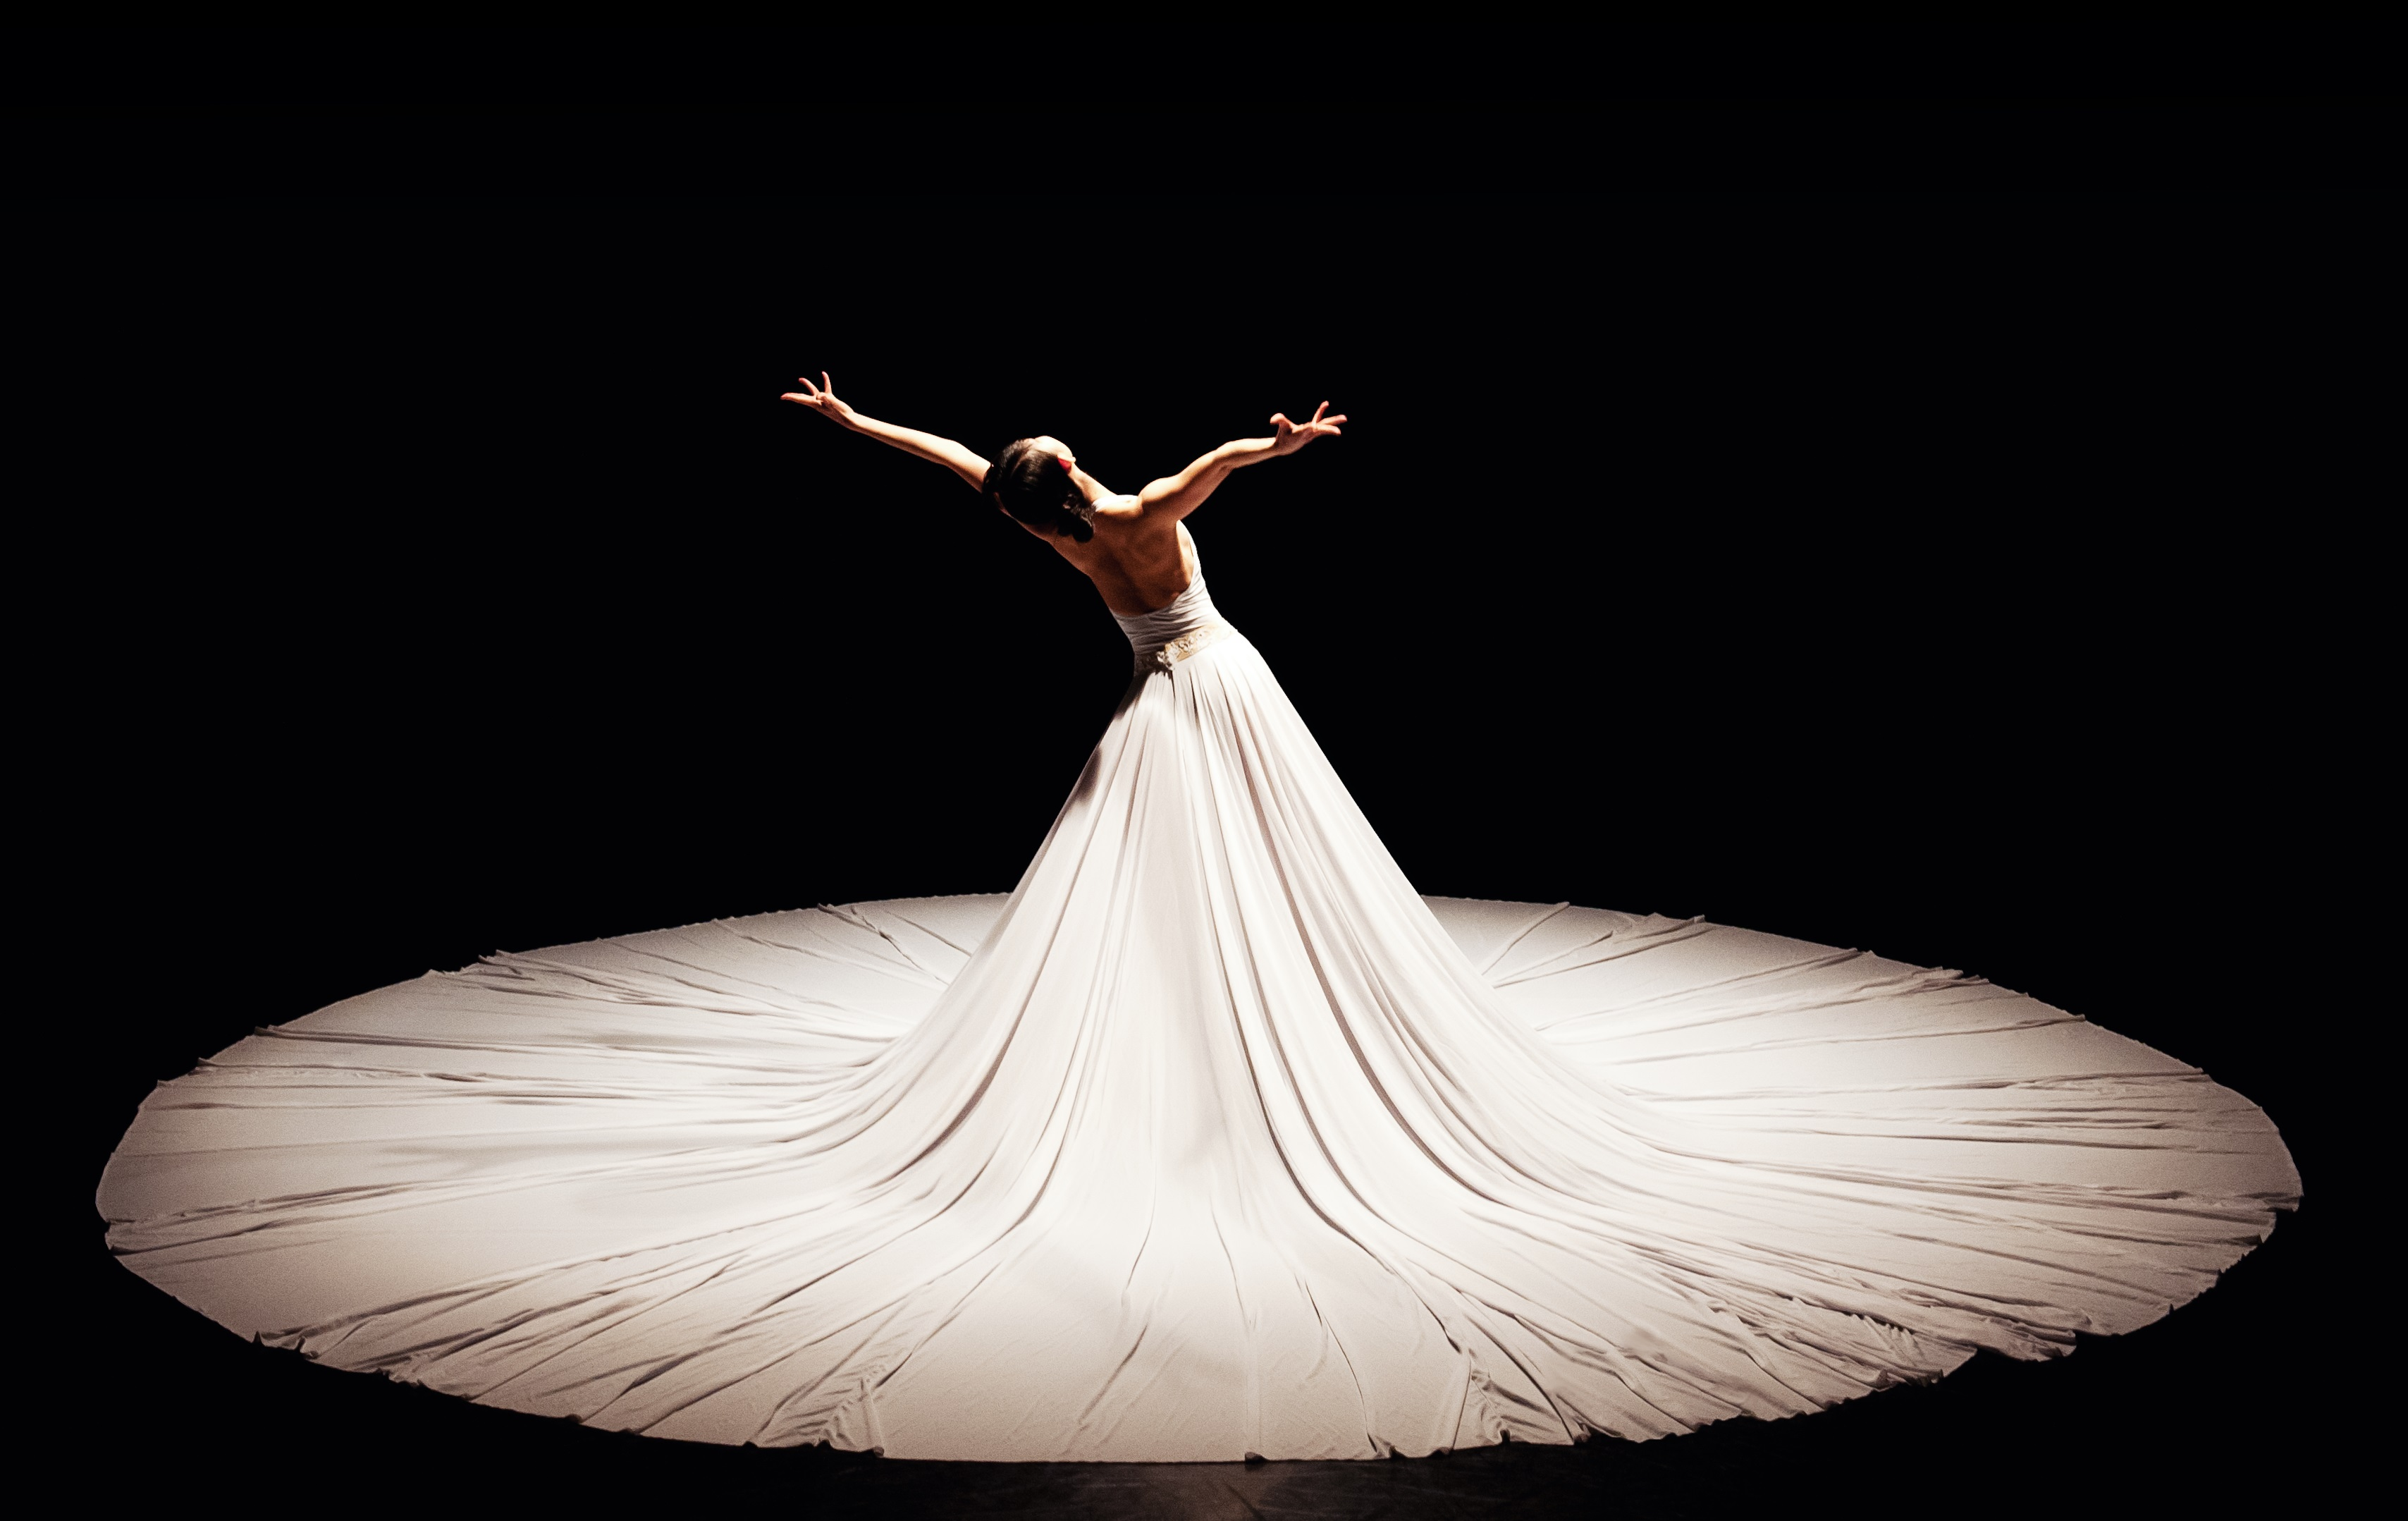 Видео-арт, сценические аксессуары, воздушные декорации и яркие костюмы Джессики Лэнг